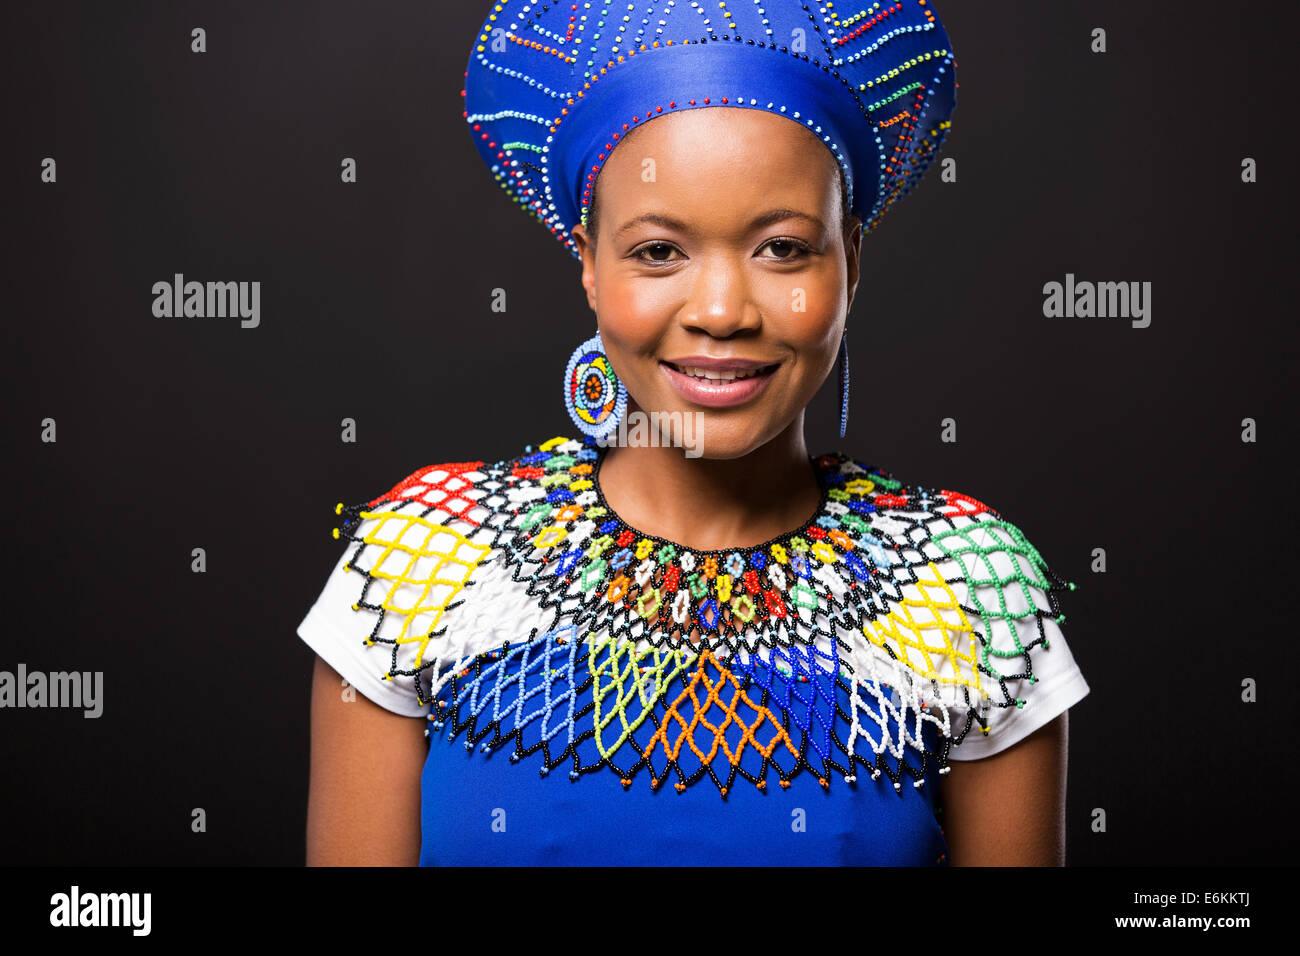 Bella mujer africana en ropas tradicionales retrato sobre fondo negro Imagen De Stock